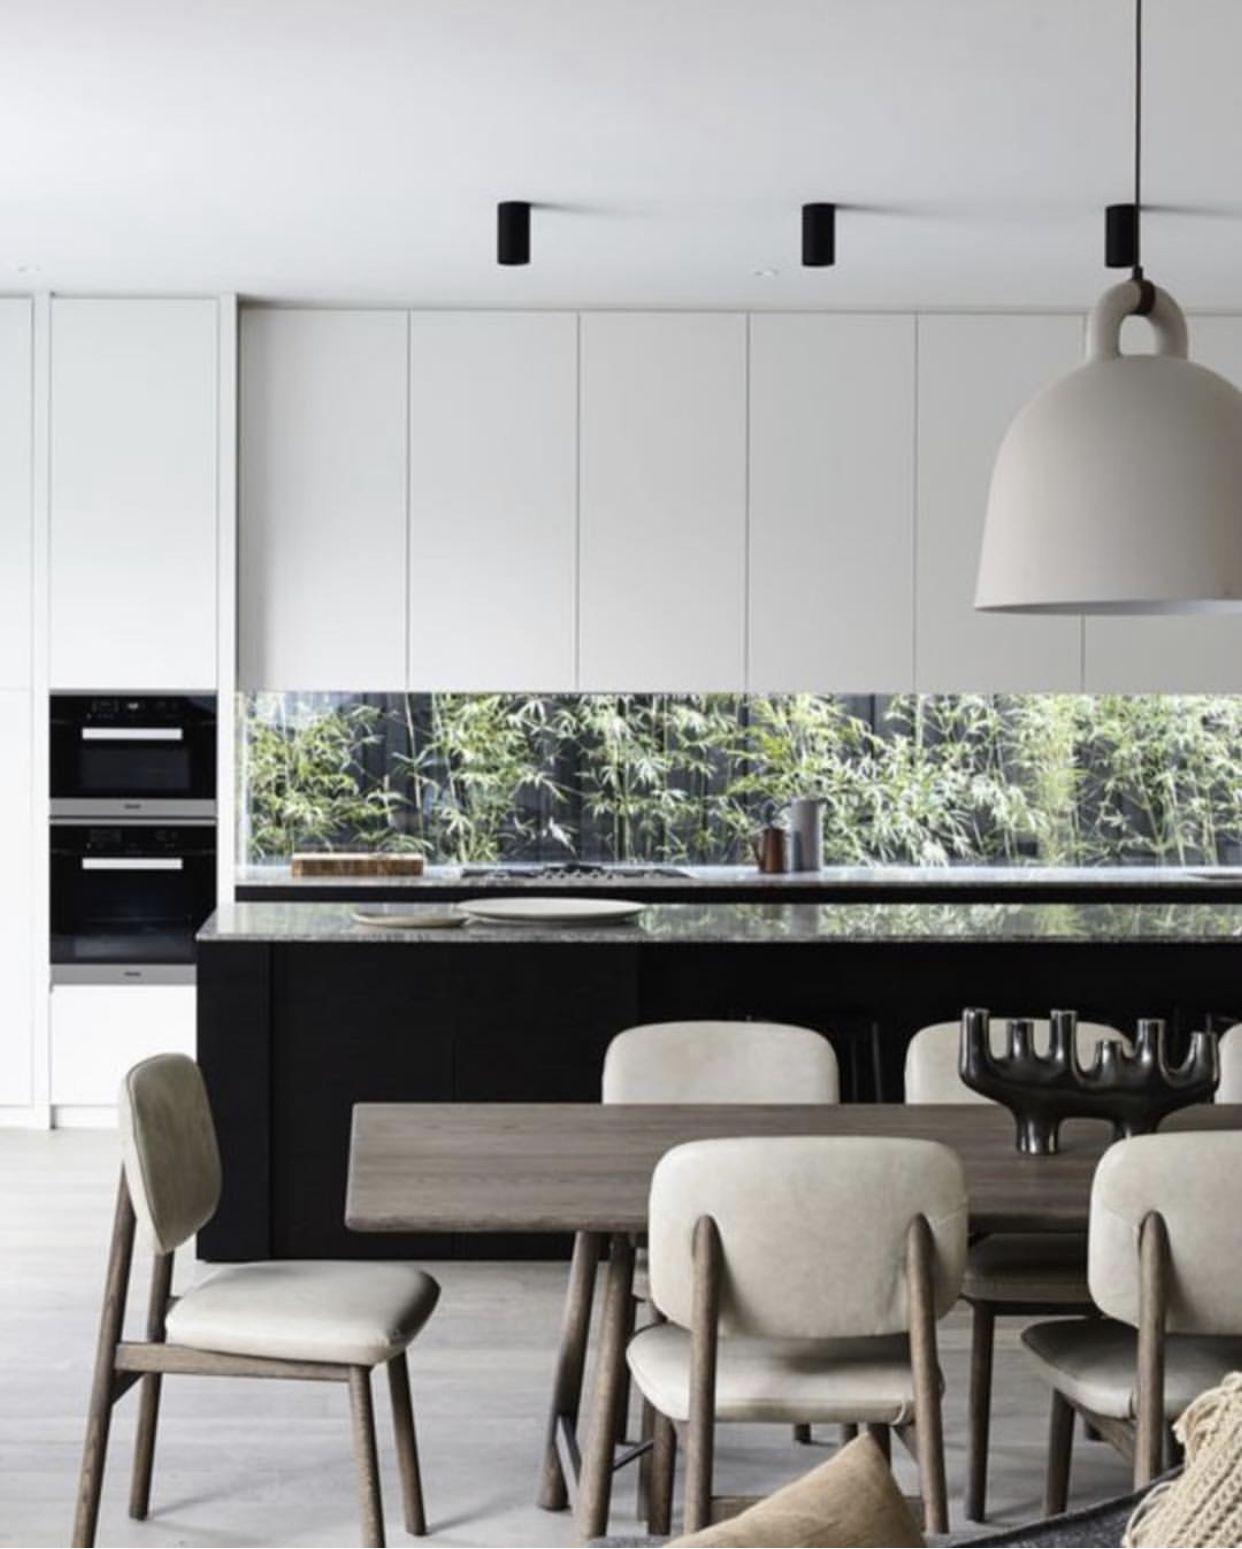 Pin By Tori Rhyannon On Kitchens Luxury Kitchen Design White Modern Kitchen Interior Design